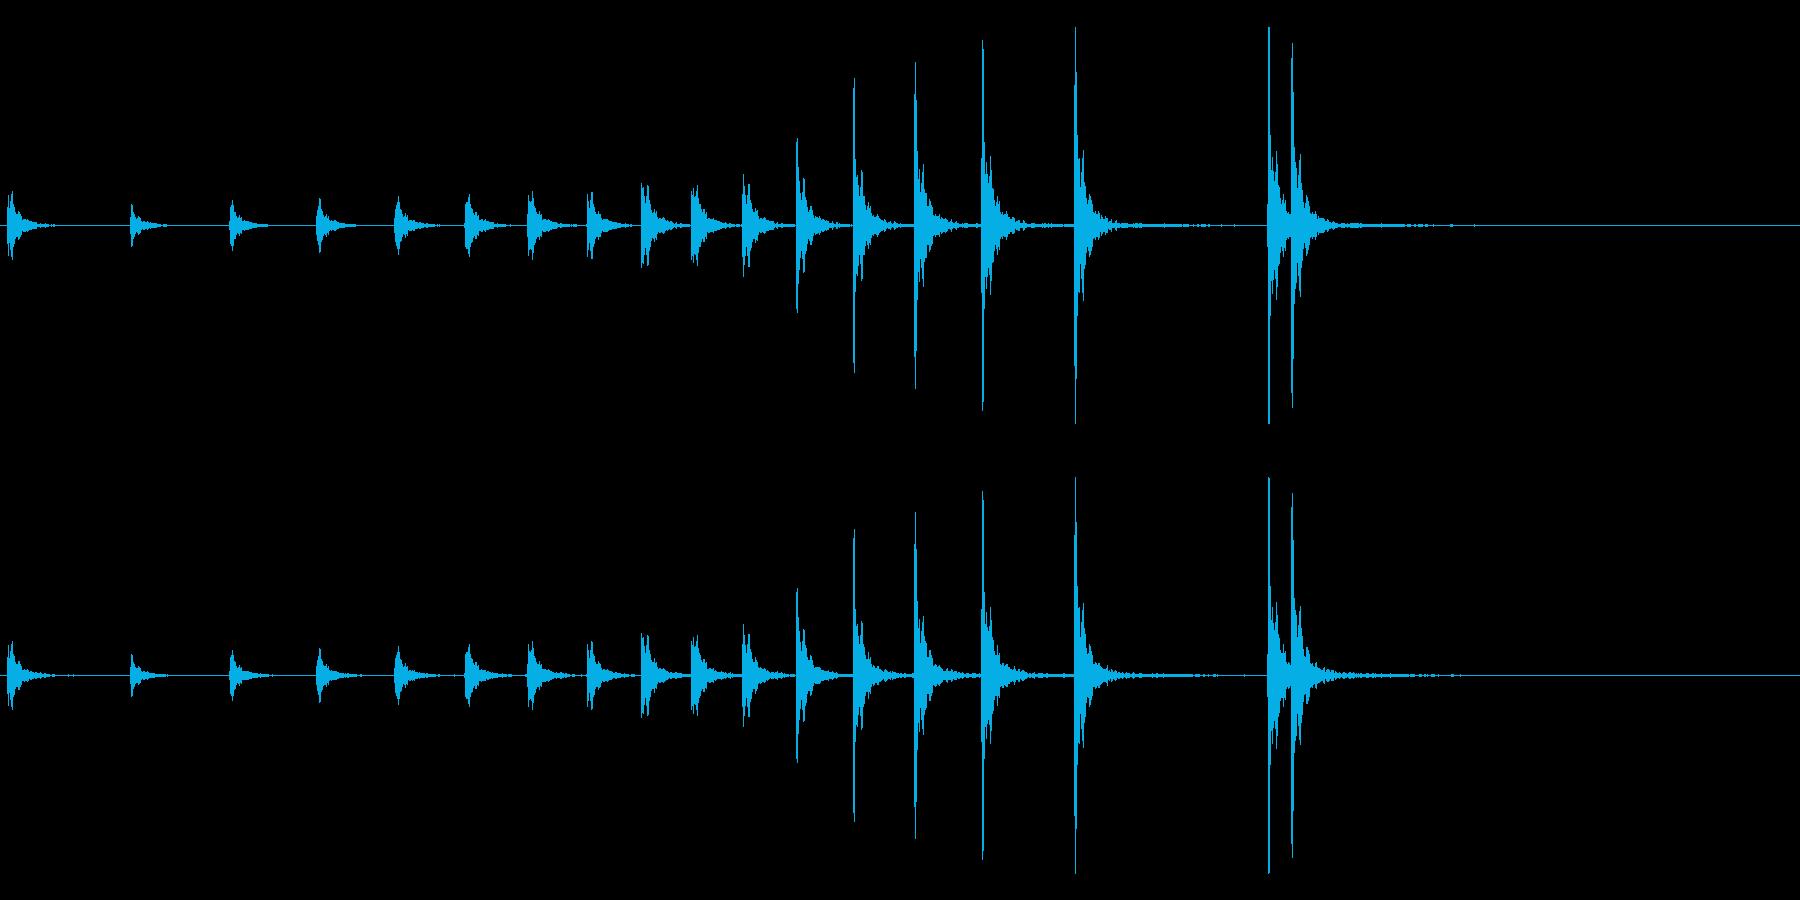 音侍「カンカン…」拍子木の連打音リバーブの再生済みの波形